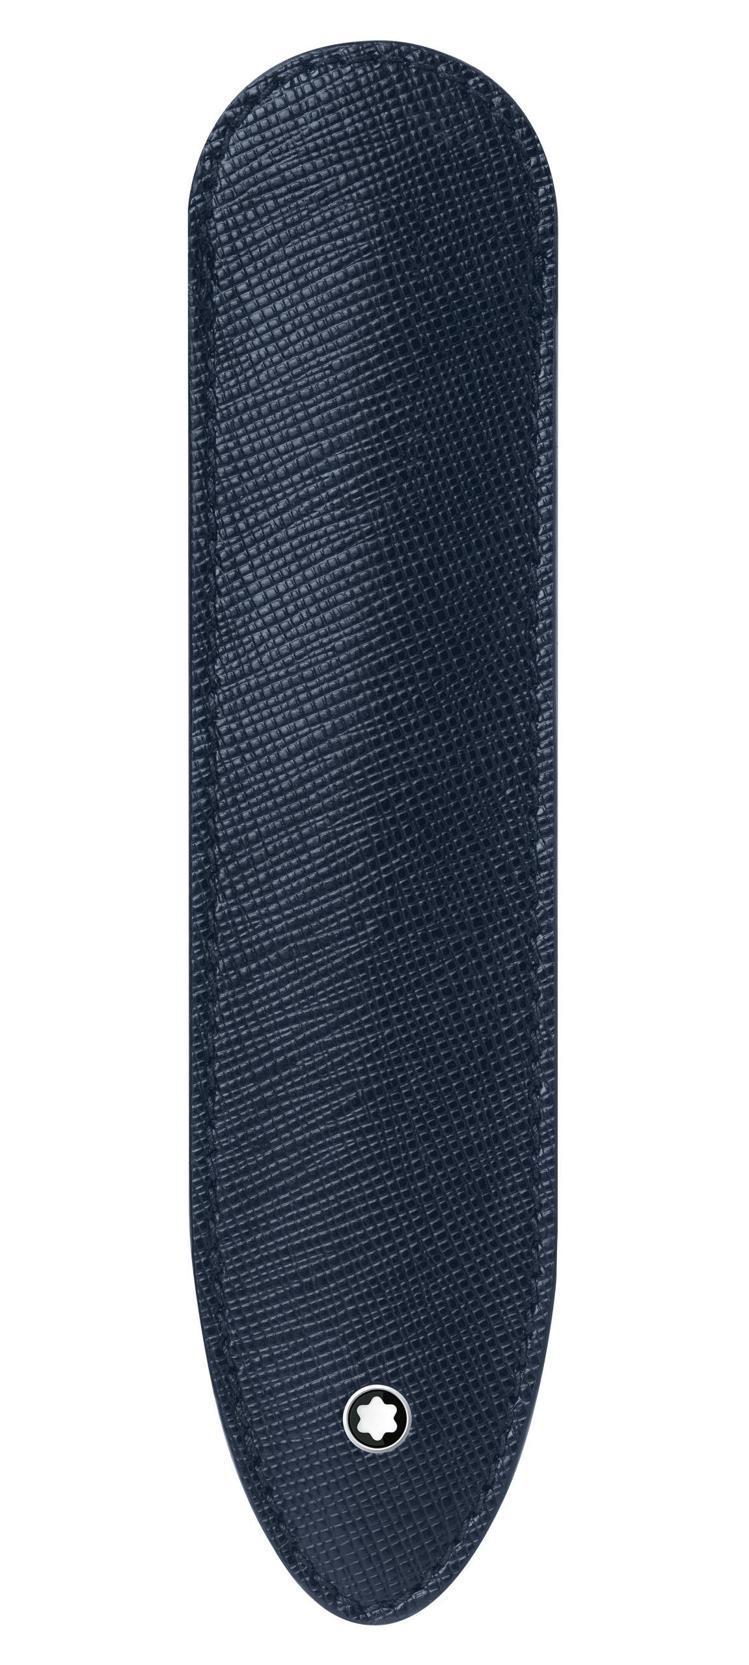 萬寶龍匠心系列筆套藍色款,4,100元。圖 / 萬寶龍提供。